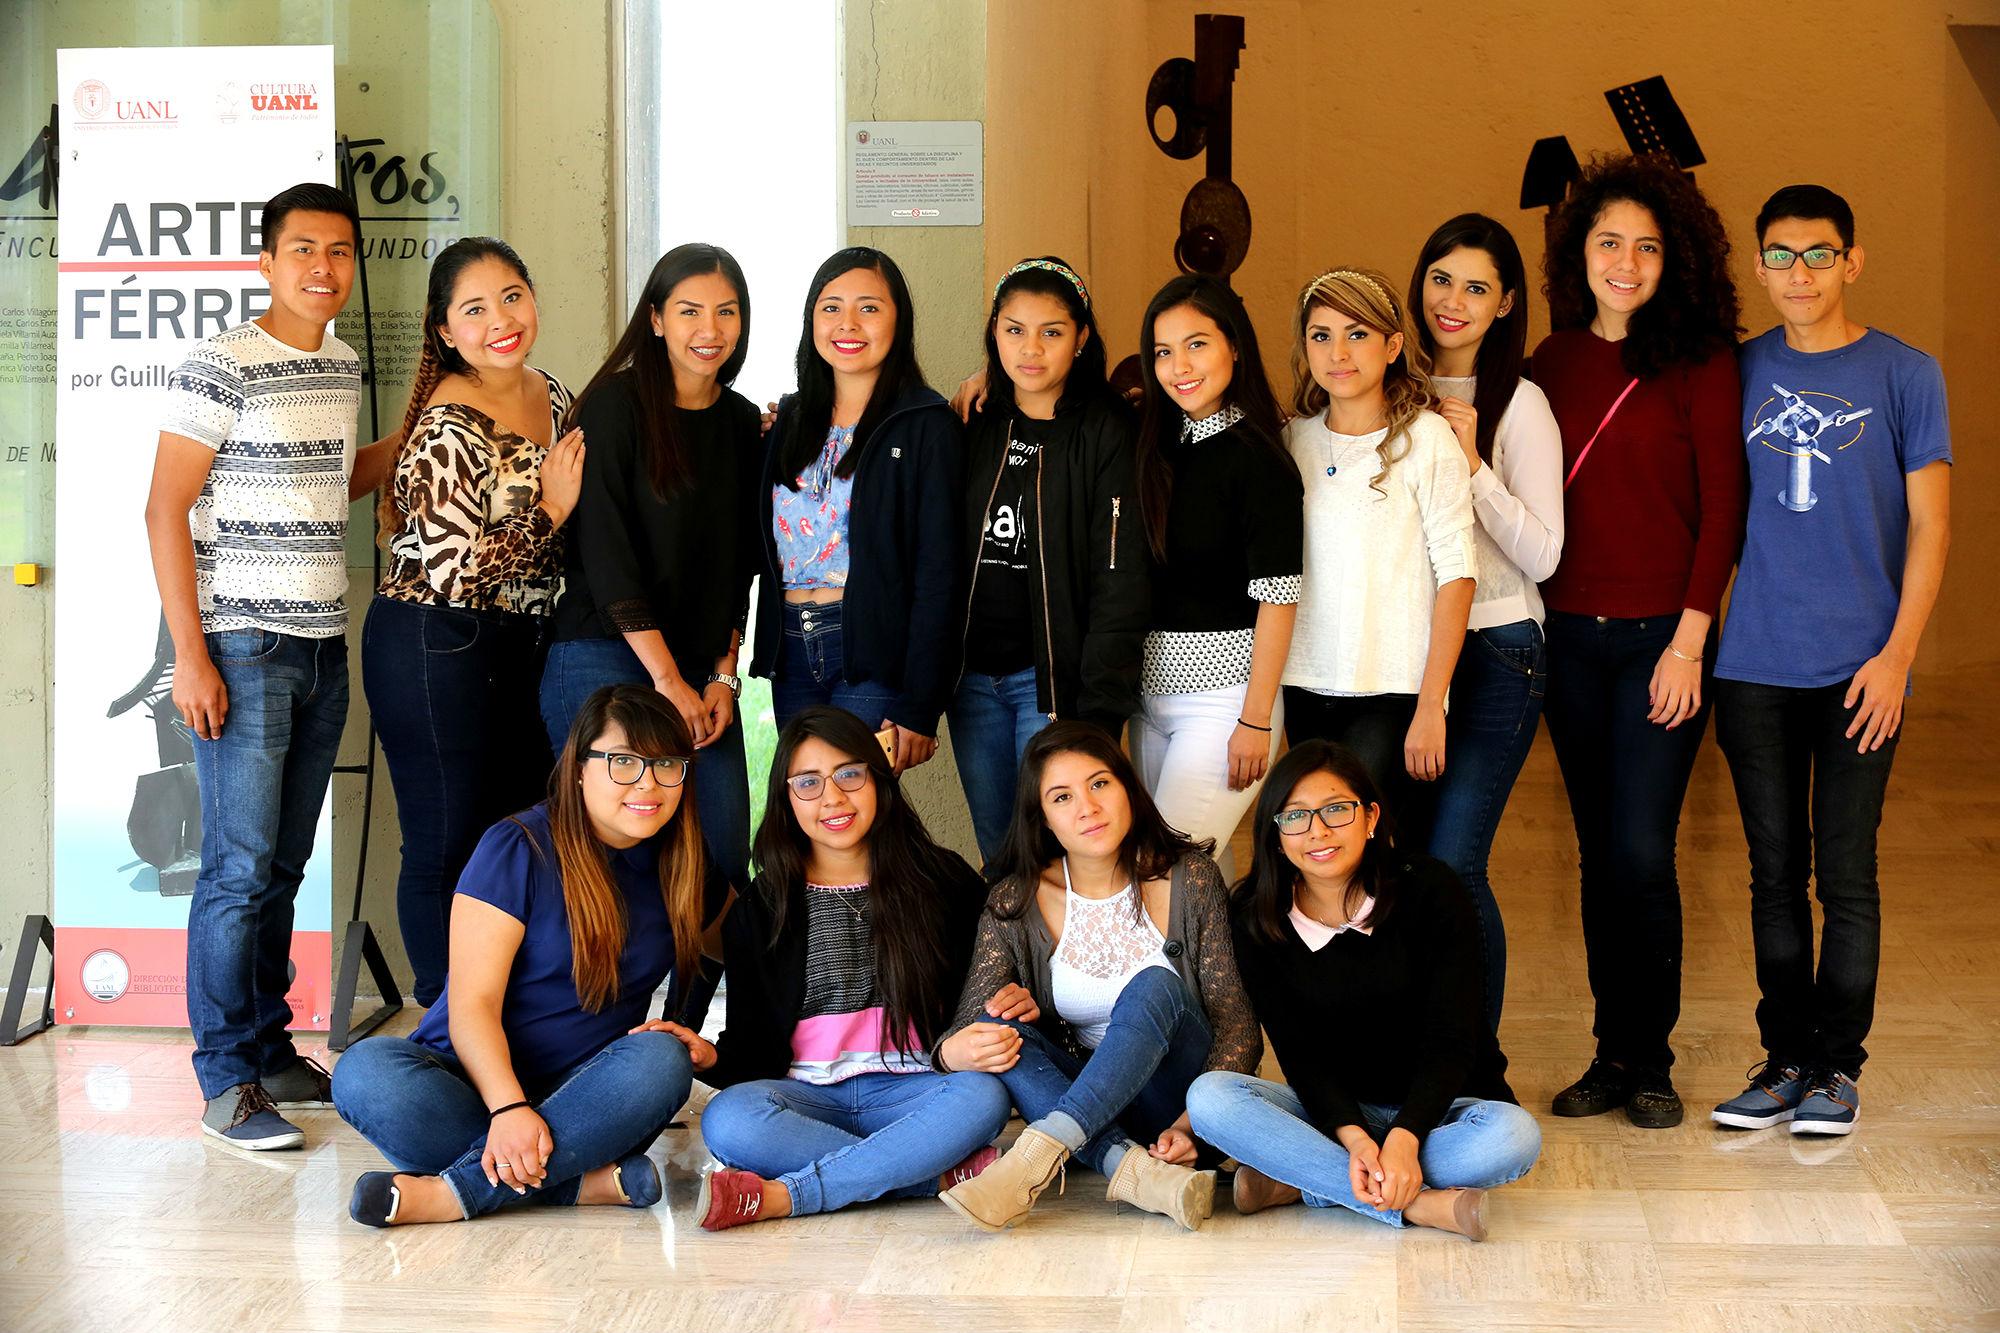 Estudiantes de diferentes partes de México realizan un intercambio nacional en la UANL